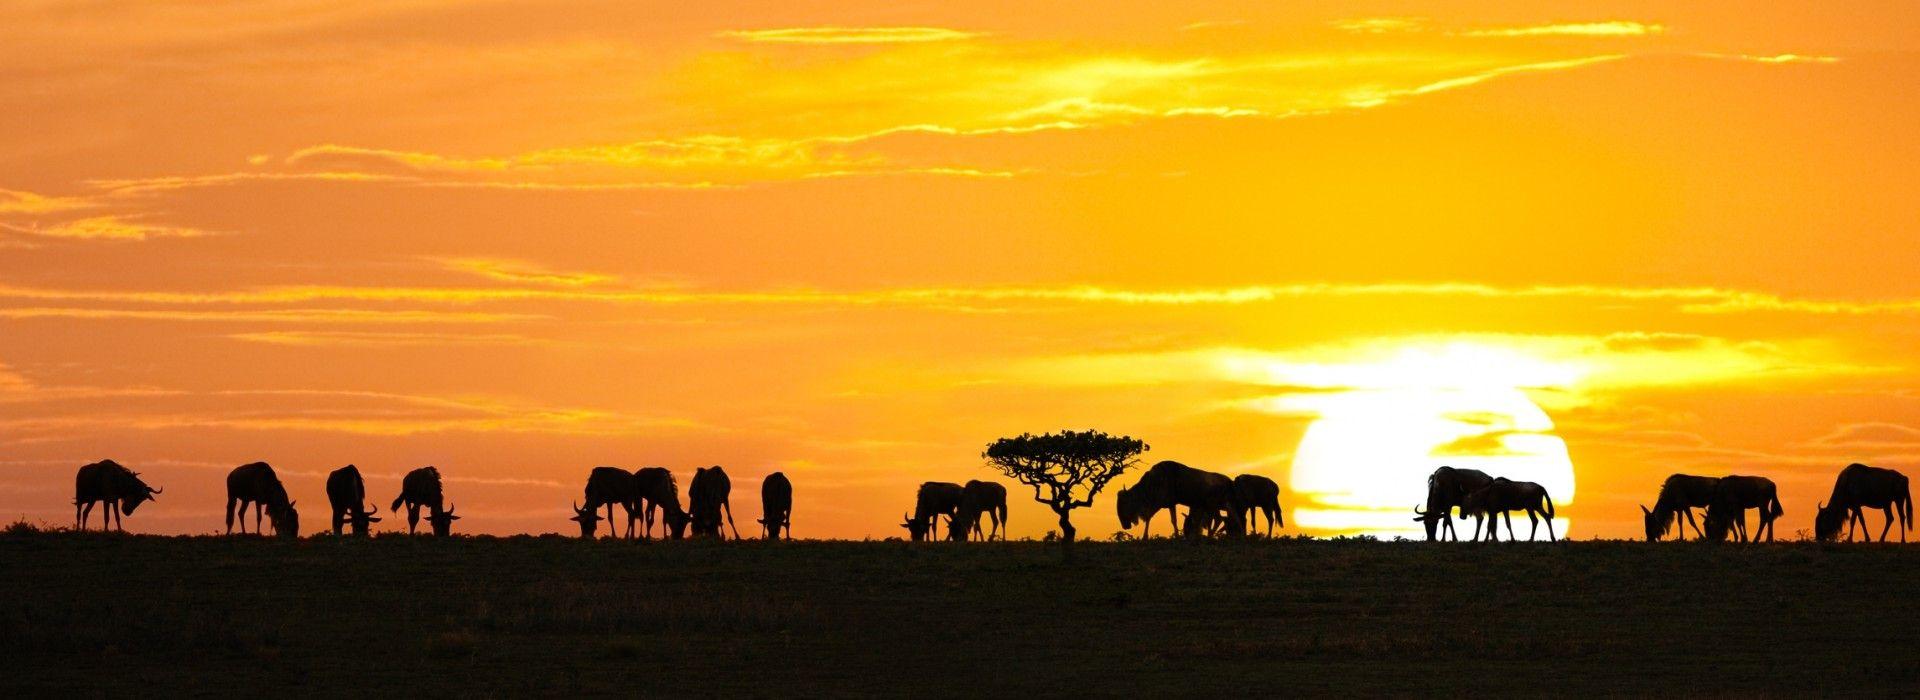 Explorer Tours in Arusha